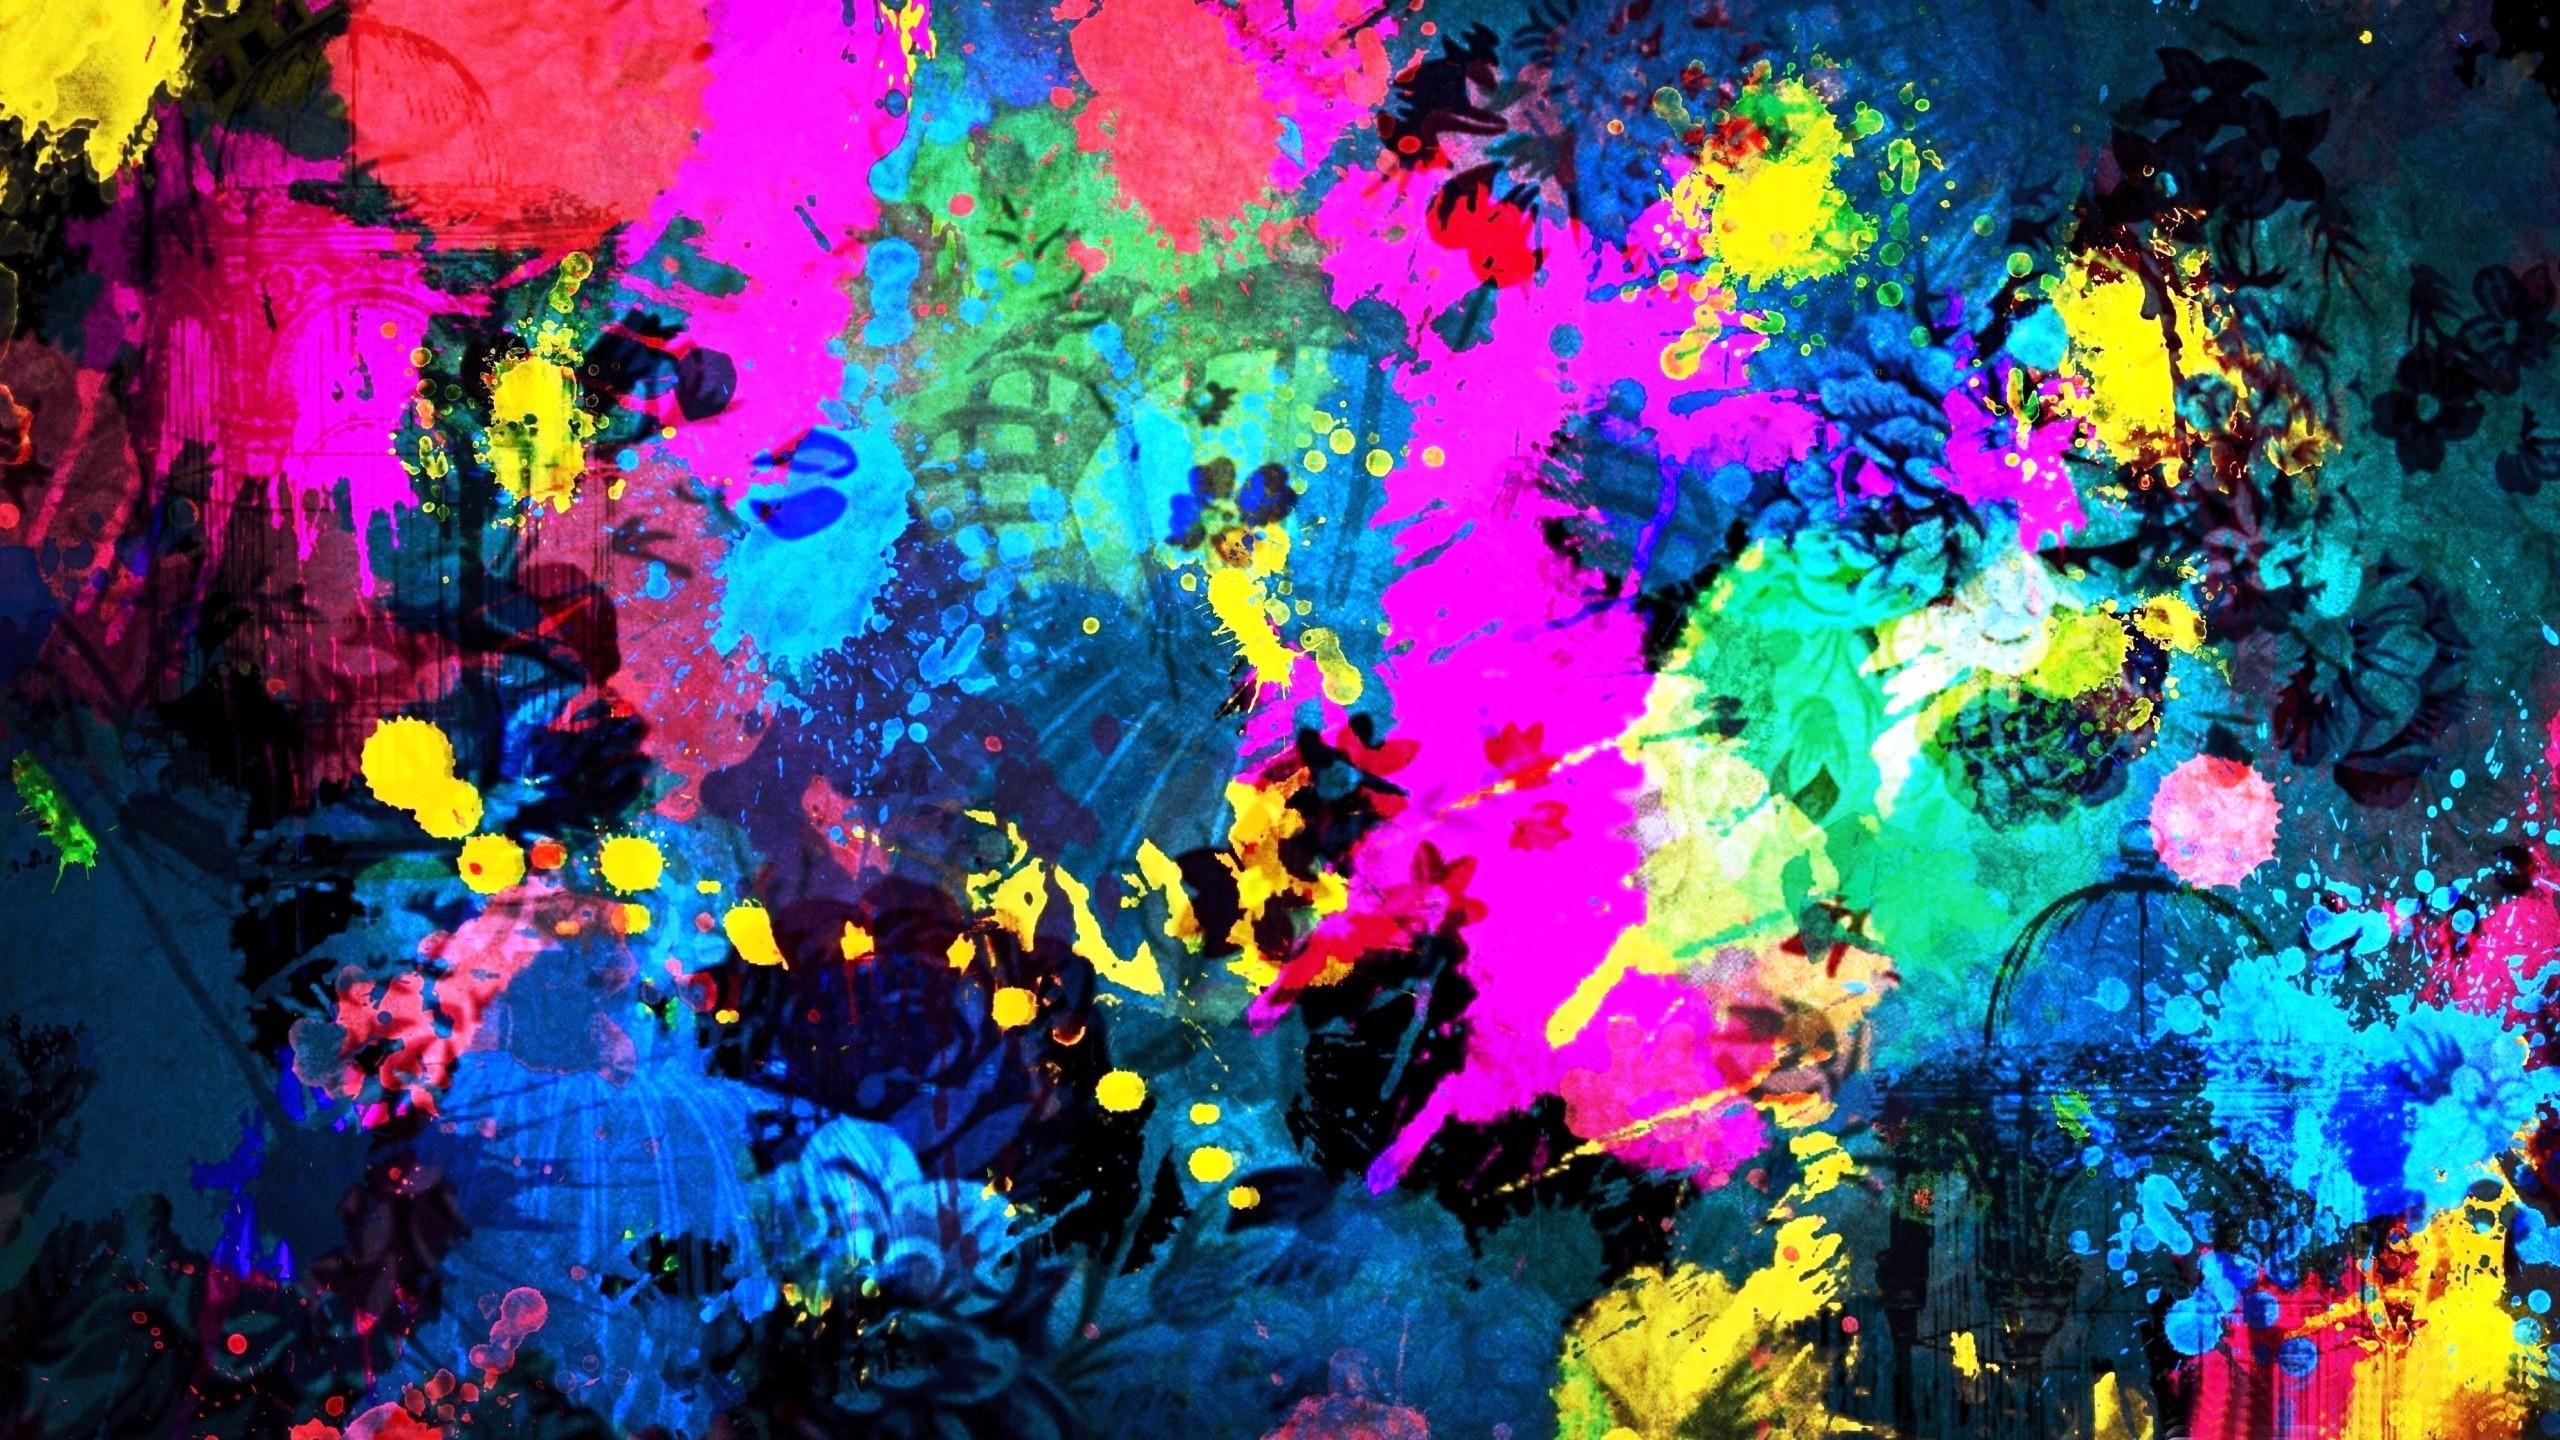 or widescreen resolution HD Abstract Art Wallpaper Widescreen 2560x1440